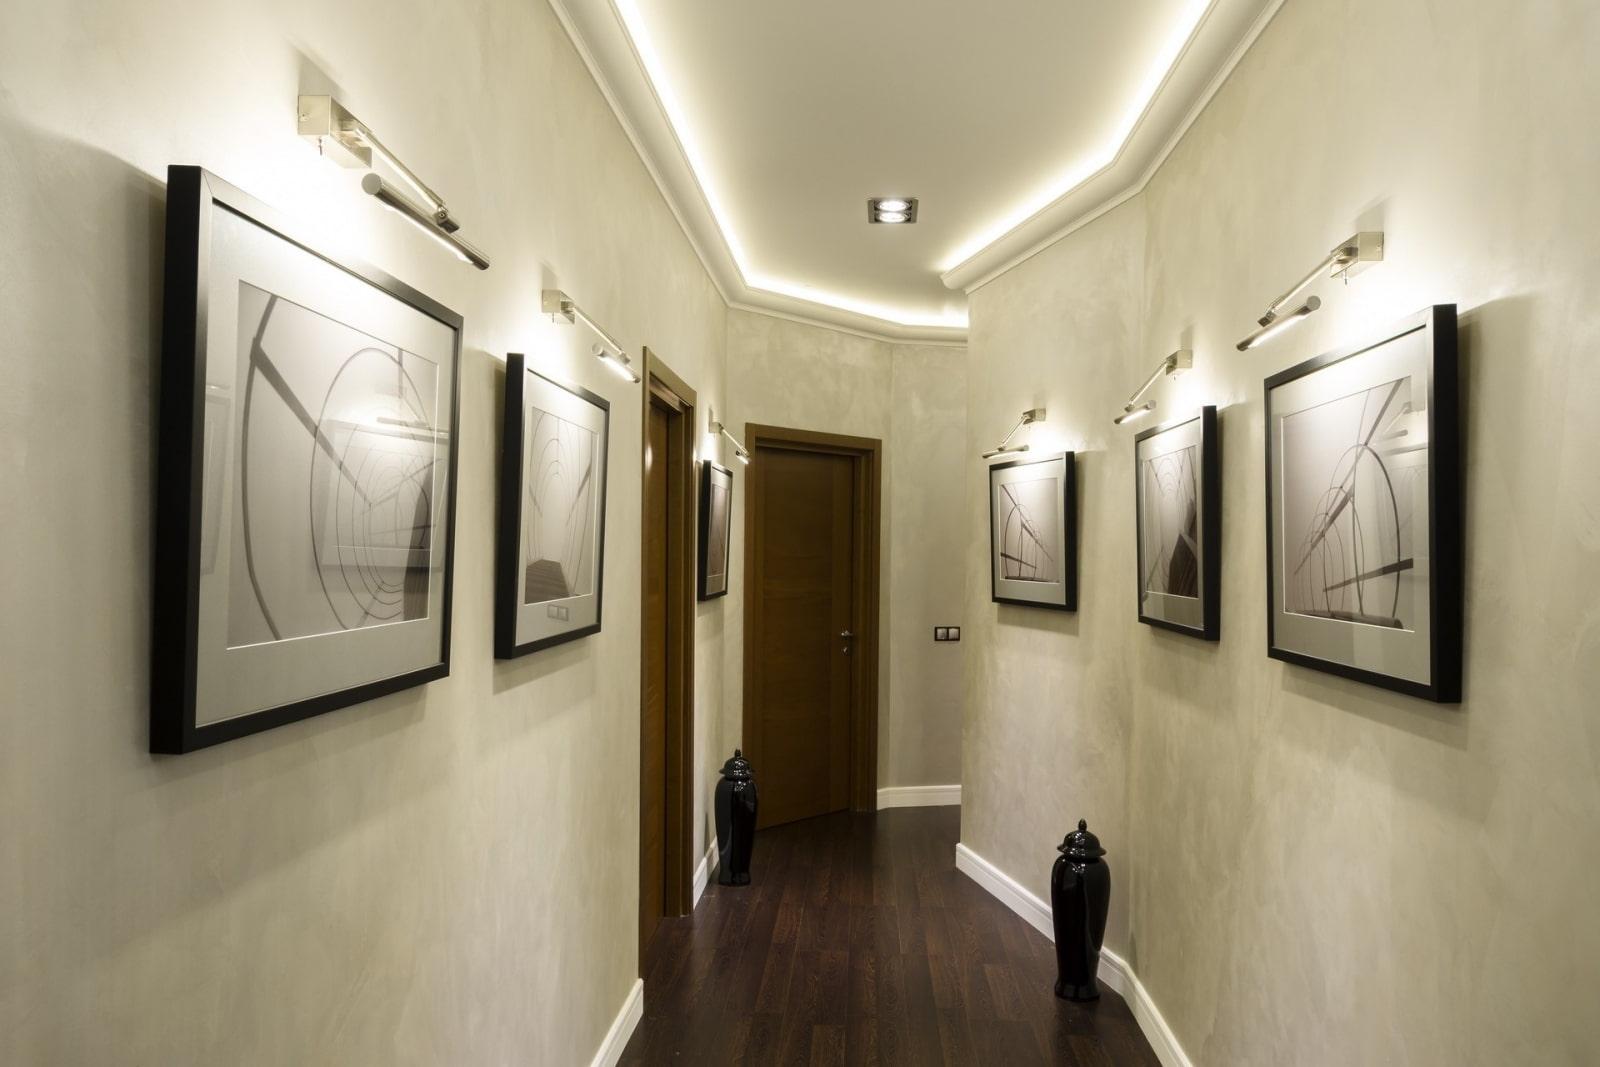 дом освещение в длинном коридоре фото сделать годный